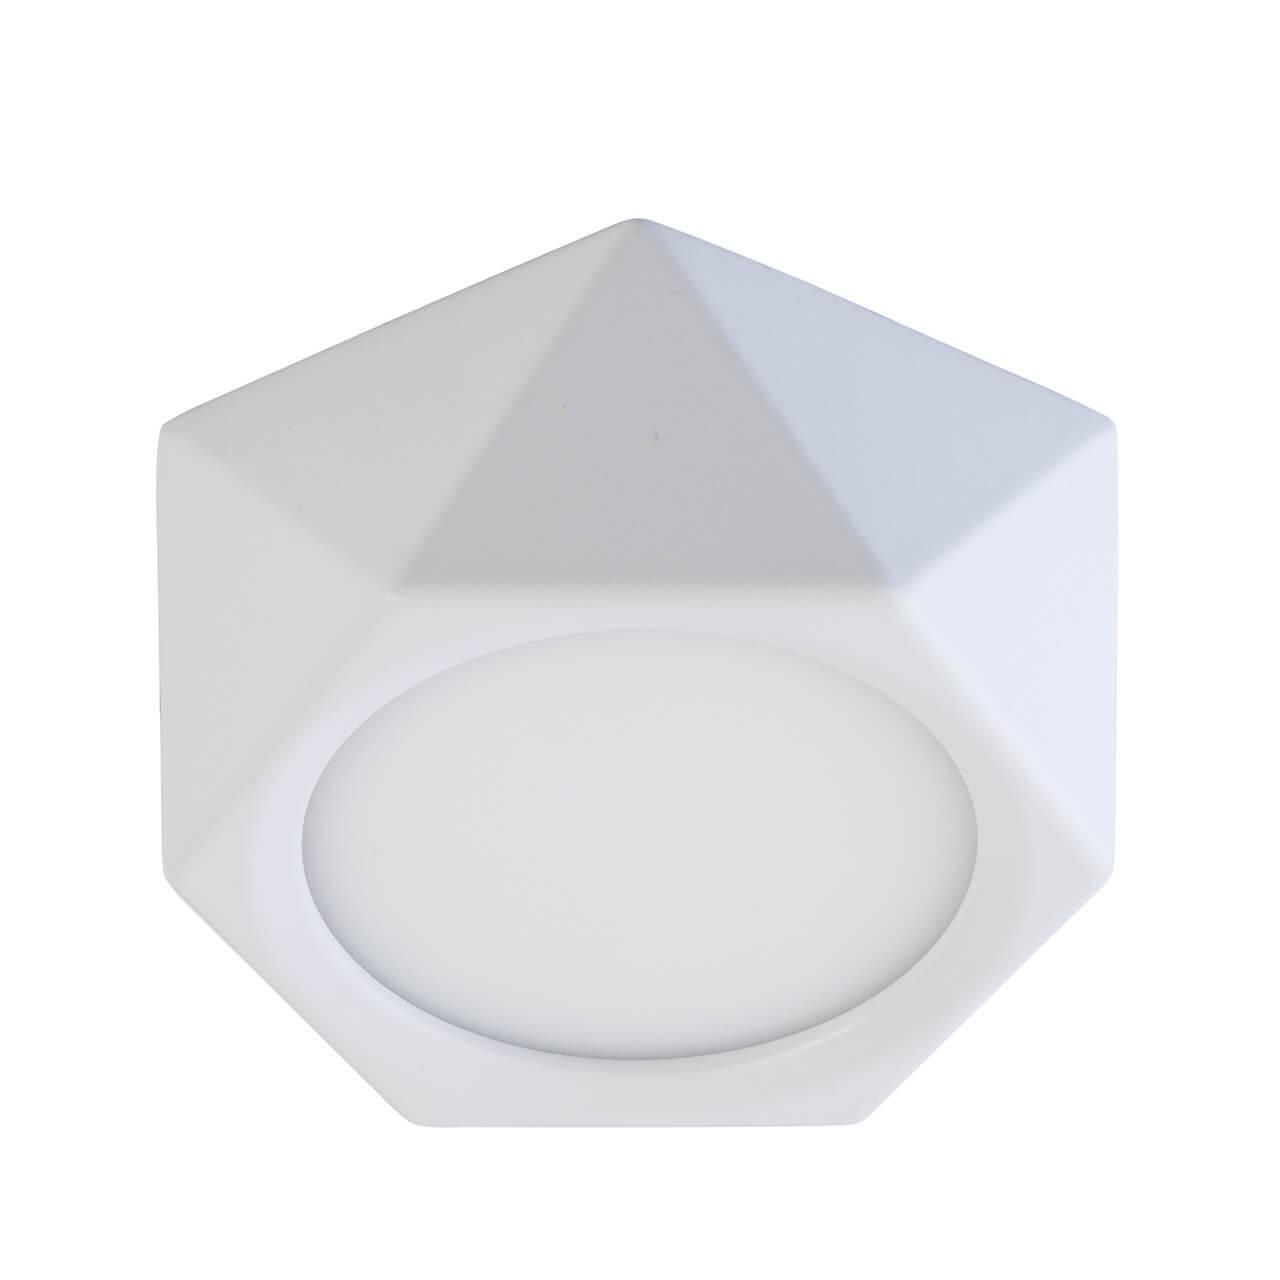 Потолочный светодиодный светильник De Markt Стаут 4 702011001